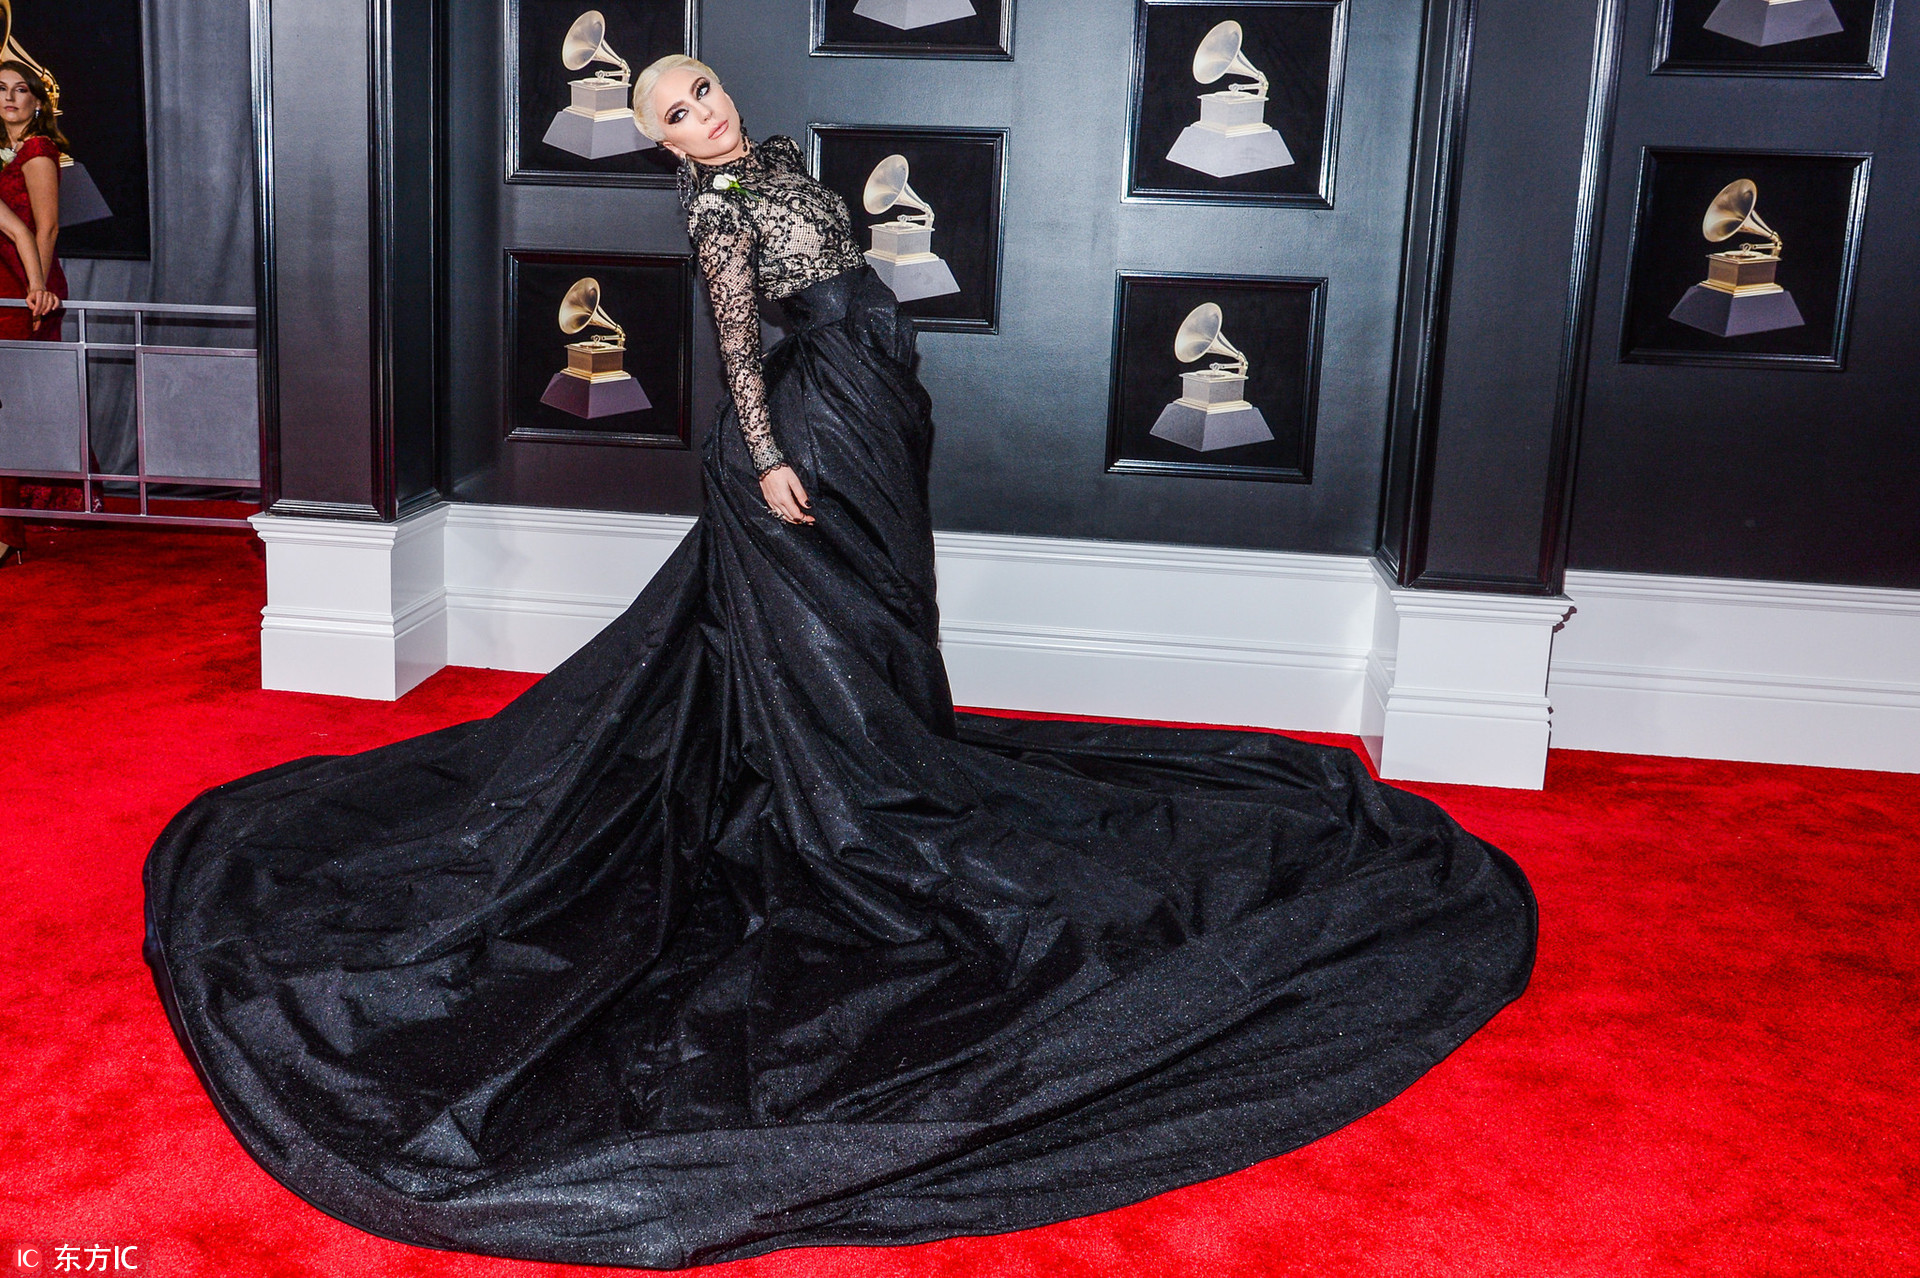 格莱美红毯星光闪耀 Gaga大裙摆抢镜易烊千玺清秀帅气